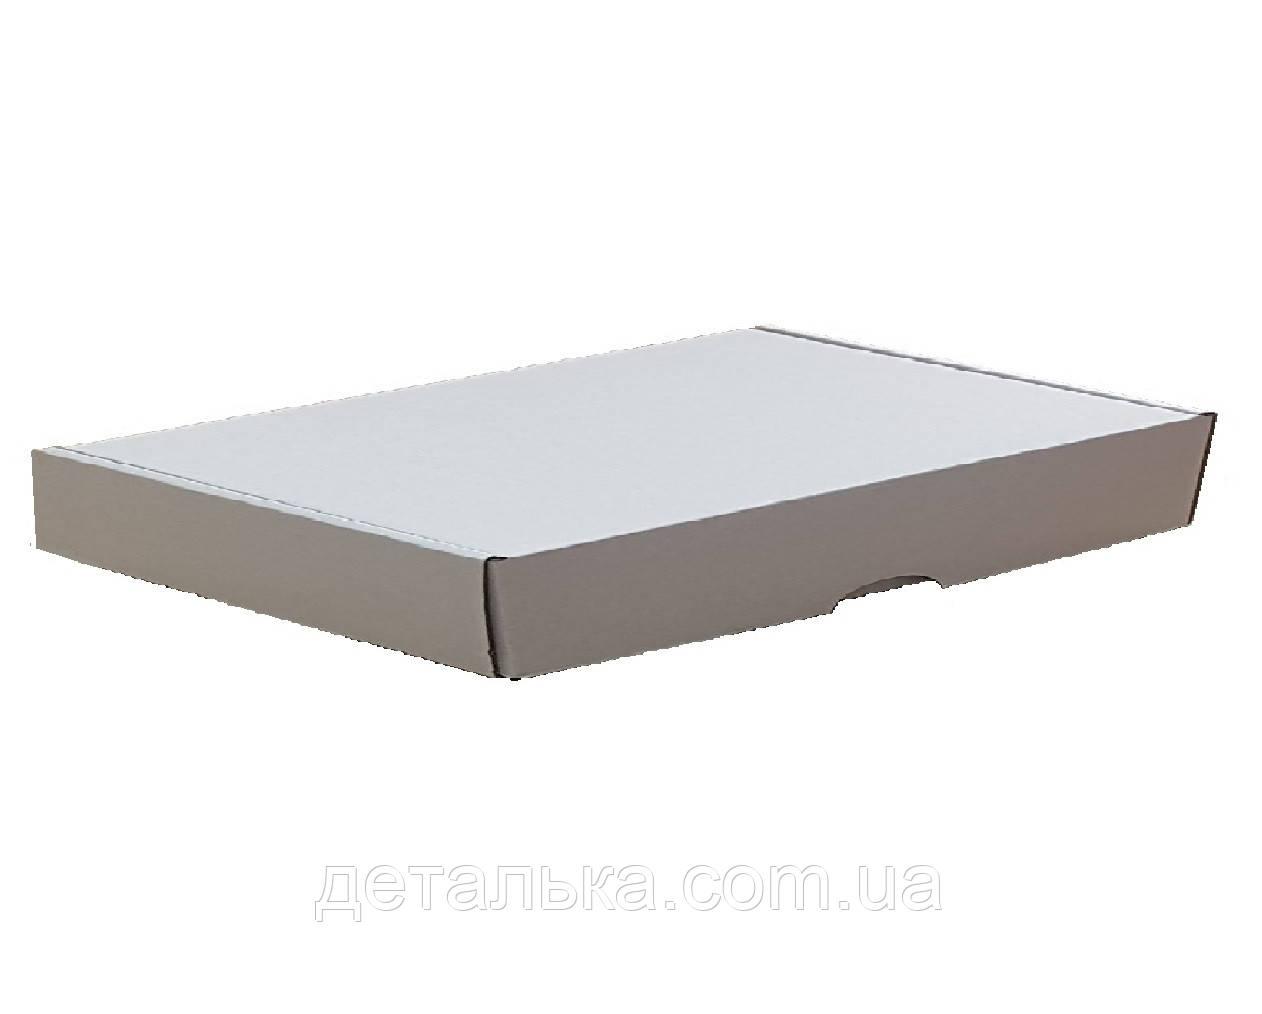 Самосборные картонные коробки 450*325*43 мм.